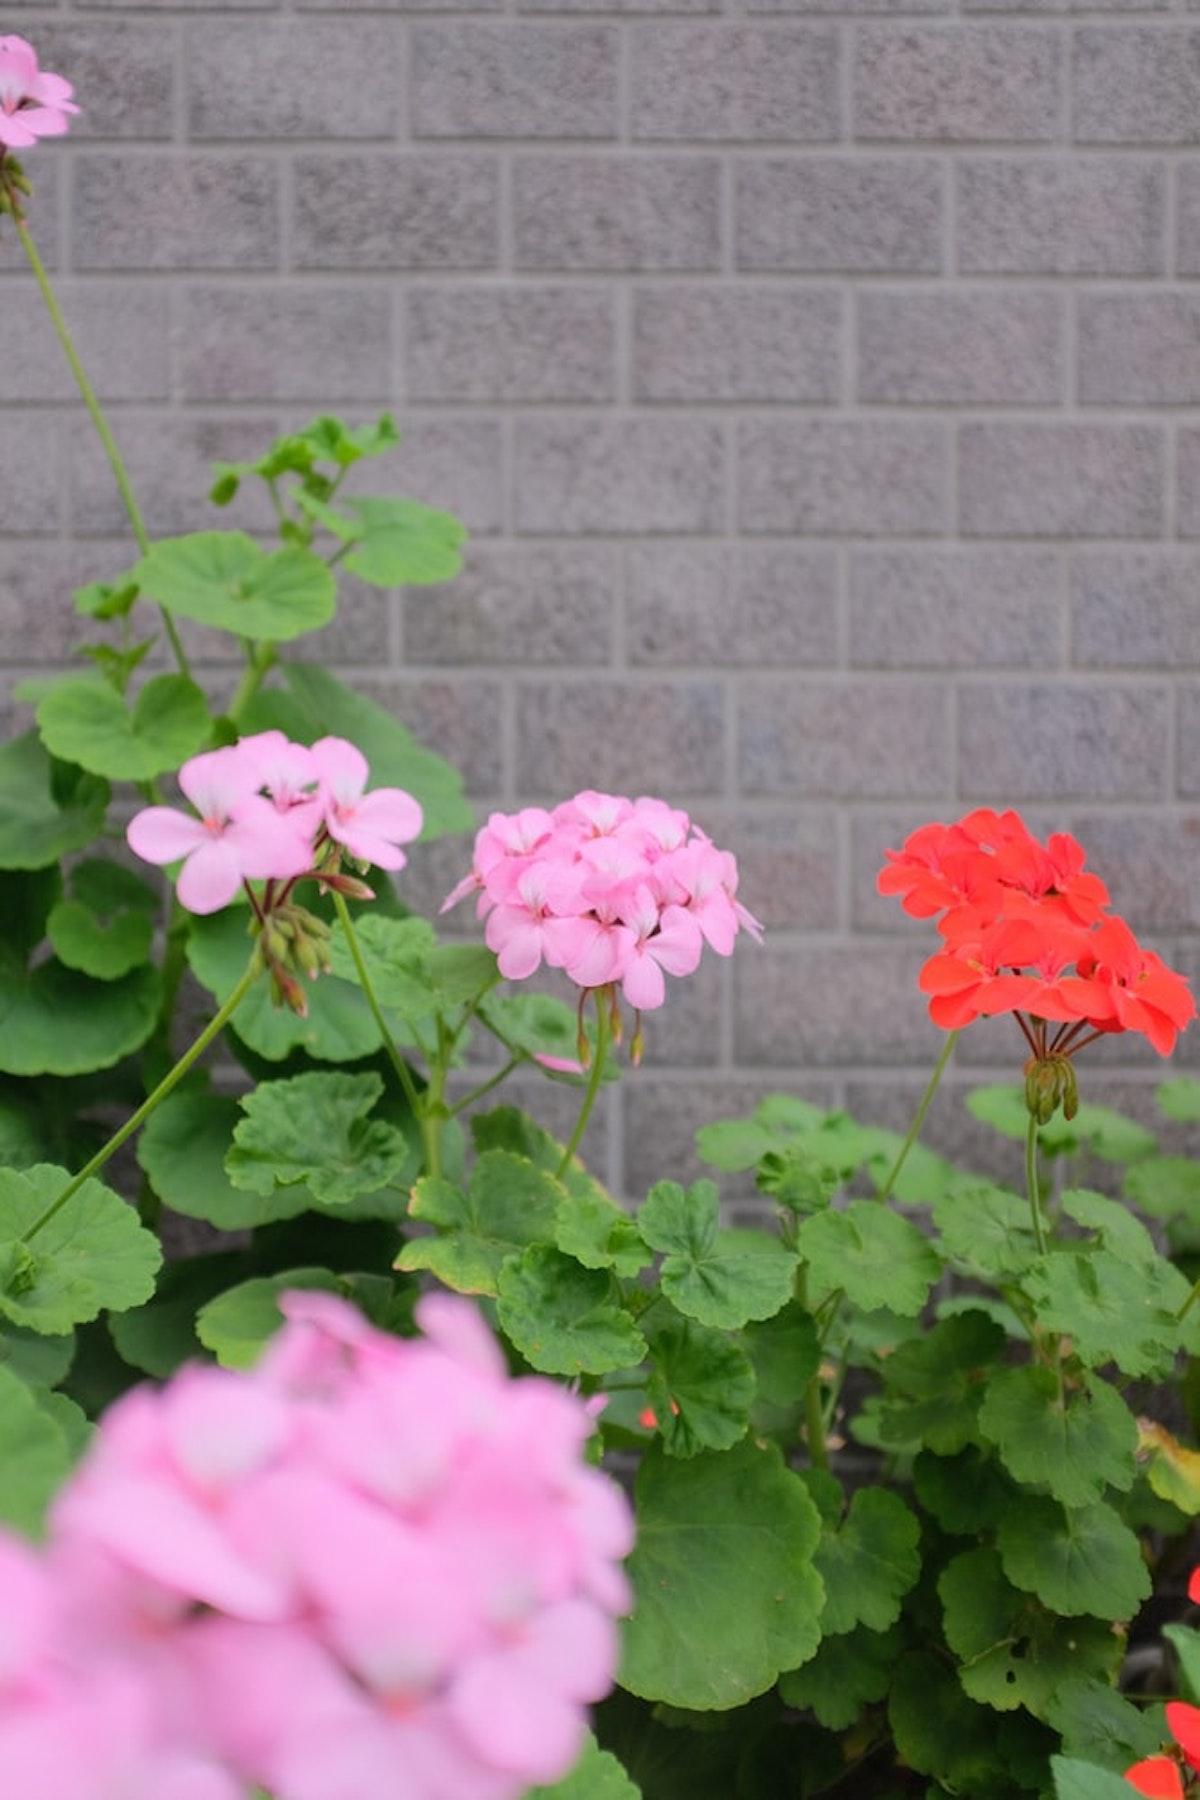 géranium plante colorée rose rouge feuille verte - blog déco - clemaroundthecorner